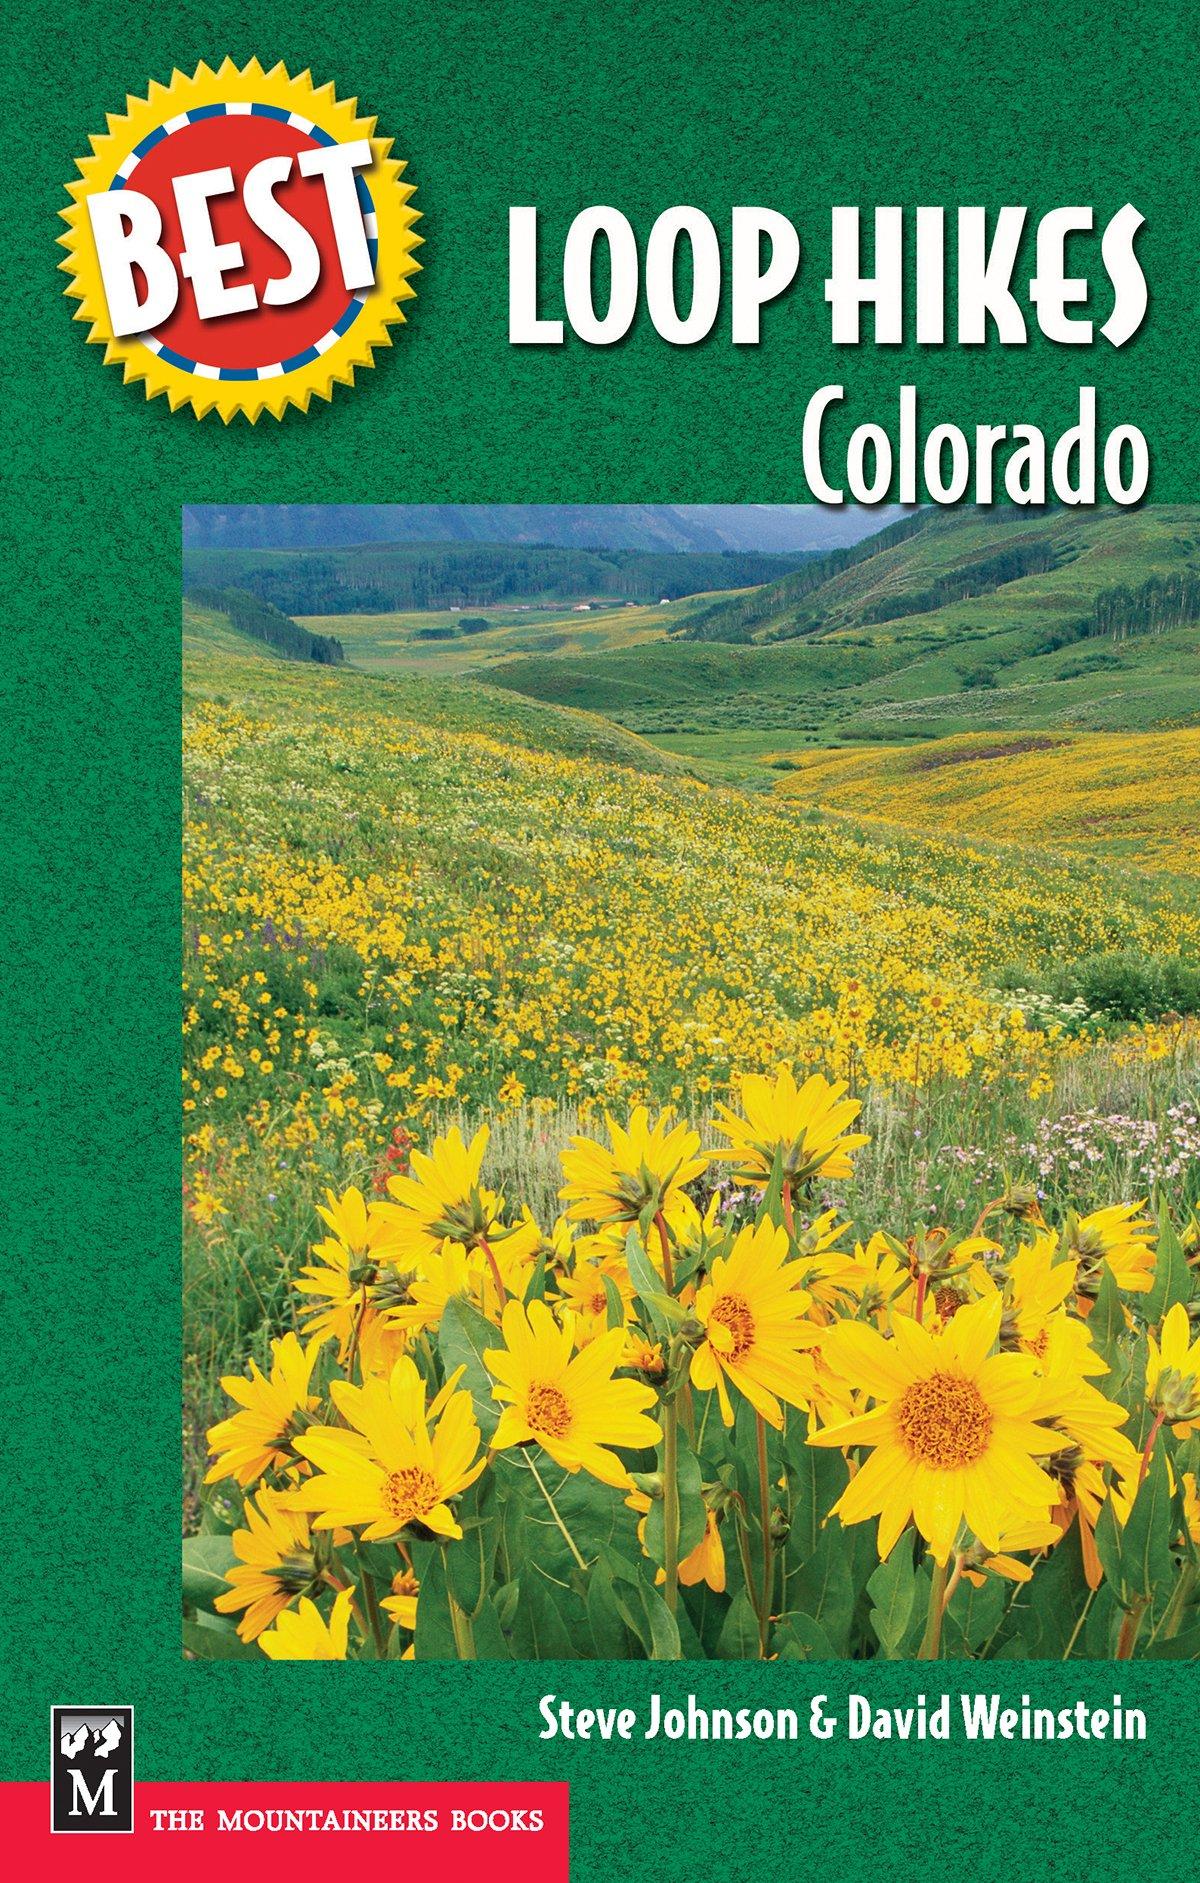 Best Loop Hikes: Colorado (Best Hikes) pdf